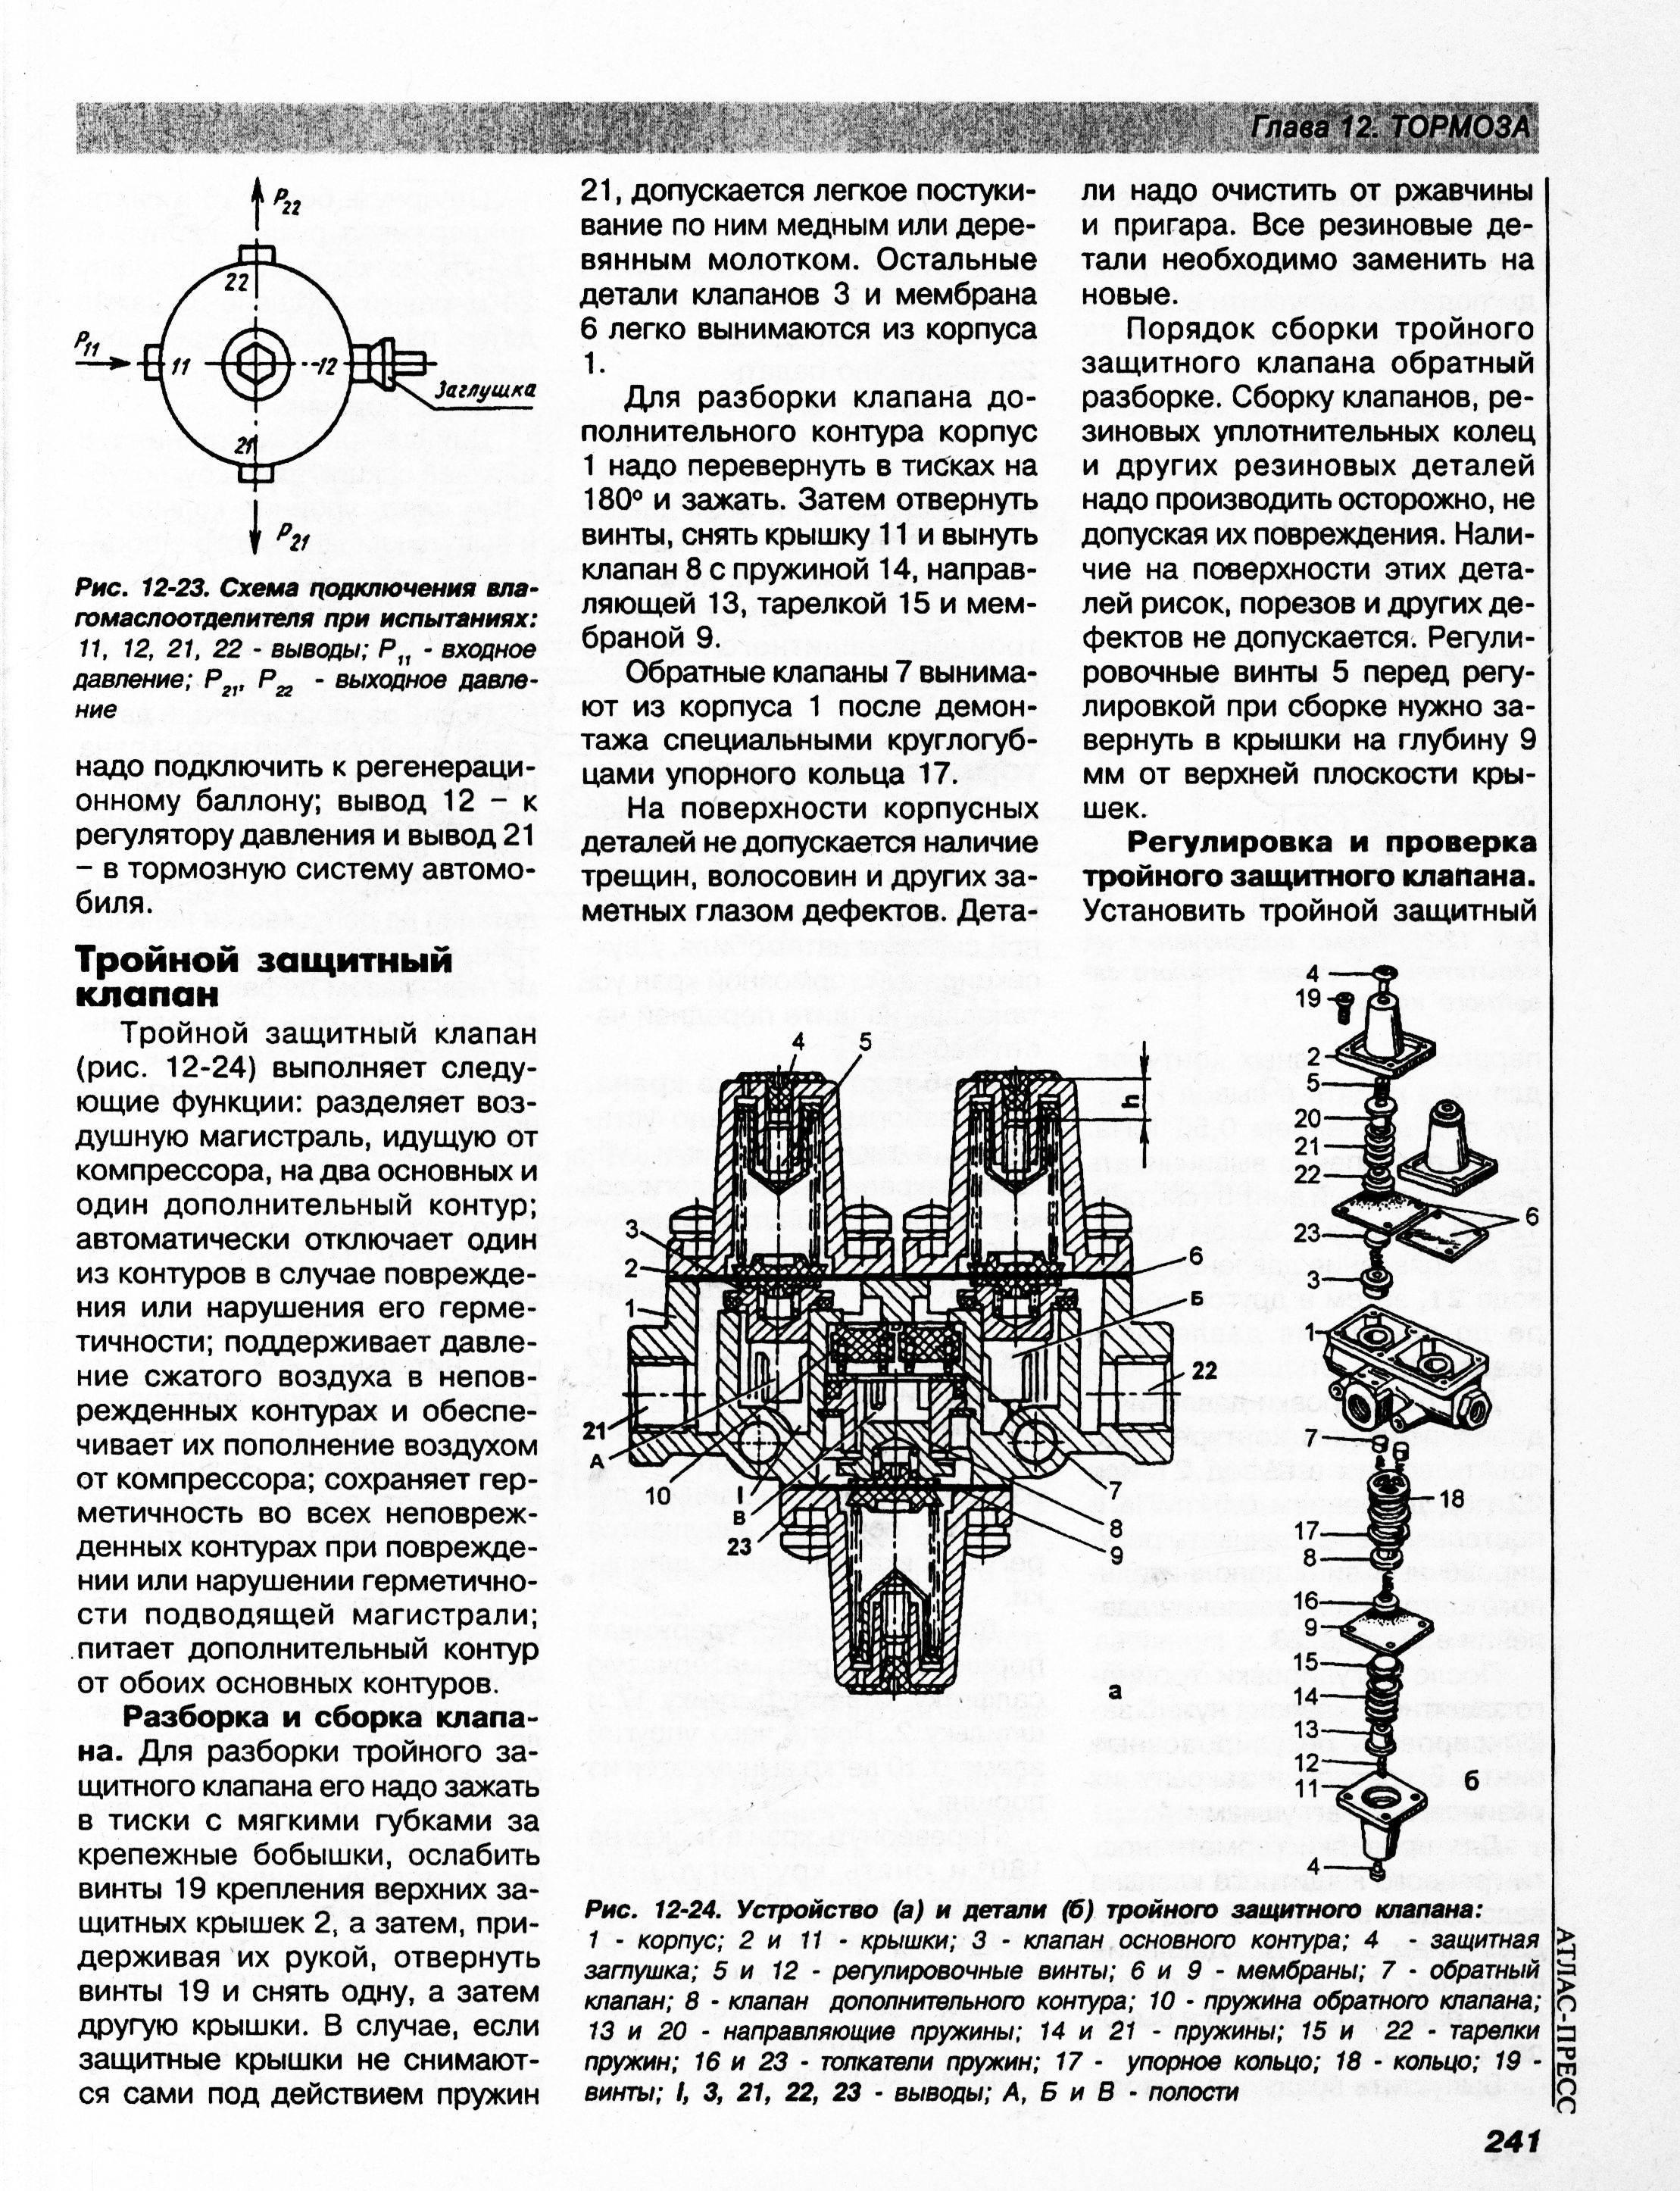 Зил-5301. агрегаты гидравлической системы тормозов